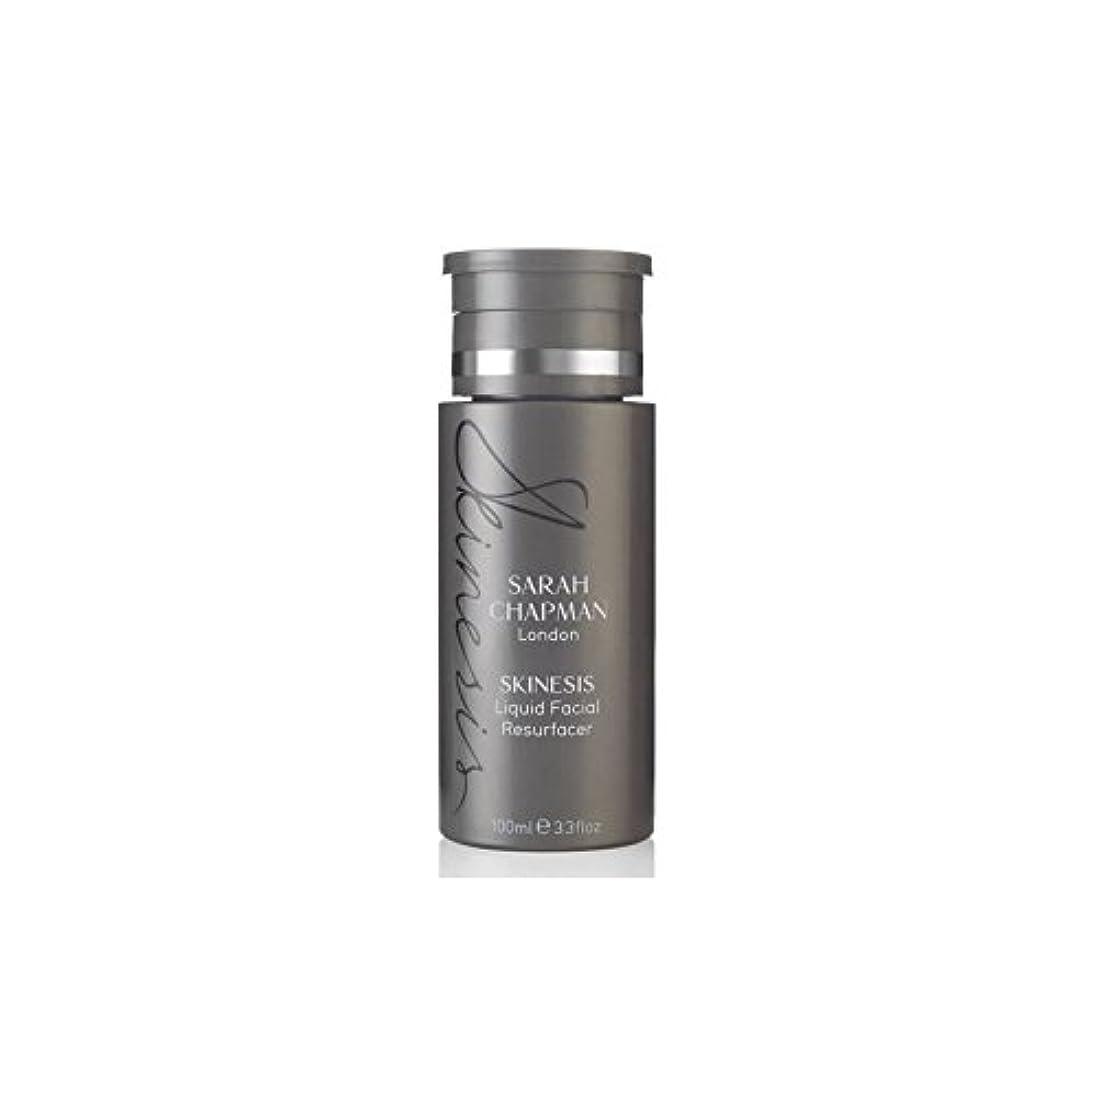 忙しい三筋肉のサラチャップマン液体顔(100)に x4 - Sarah Chapman Skinesis Liquid Facial Resurfacer (100ml) (Pack of 4) [並行輸入品]